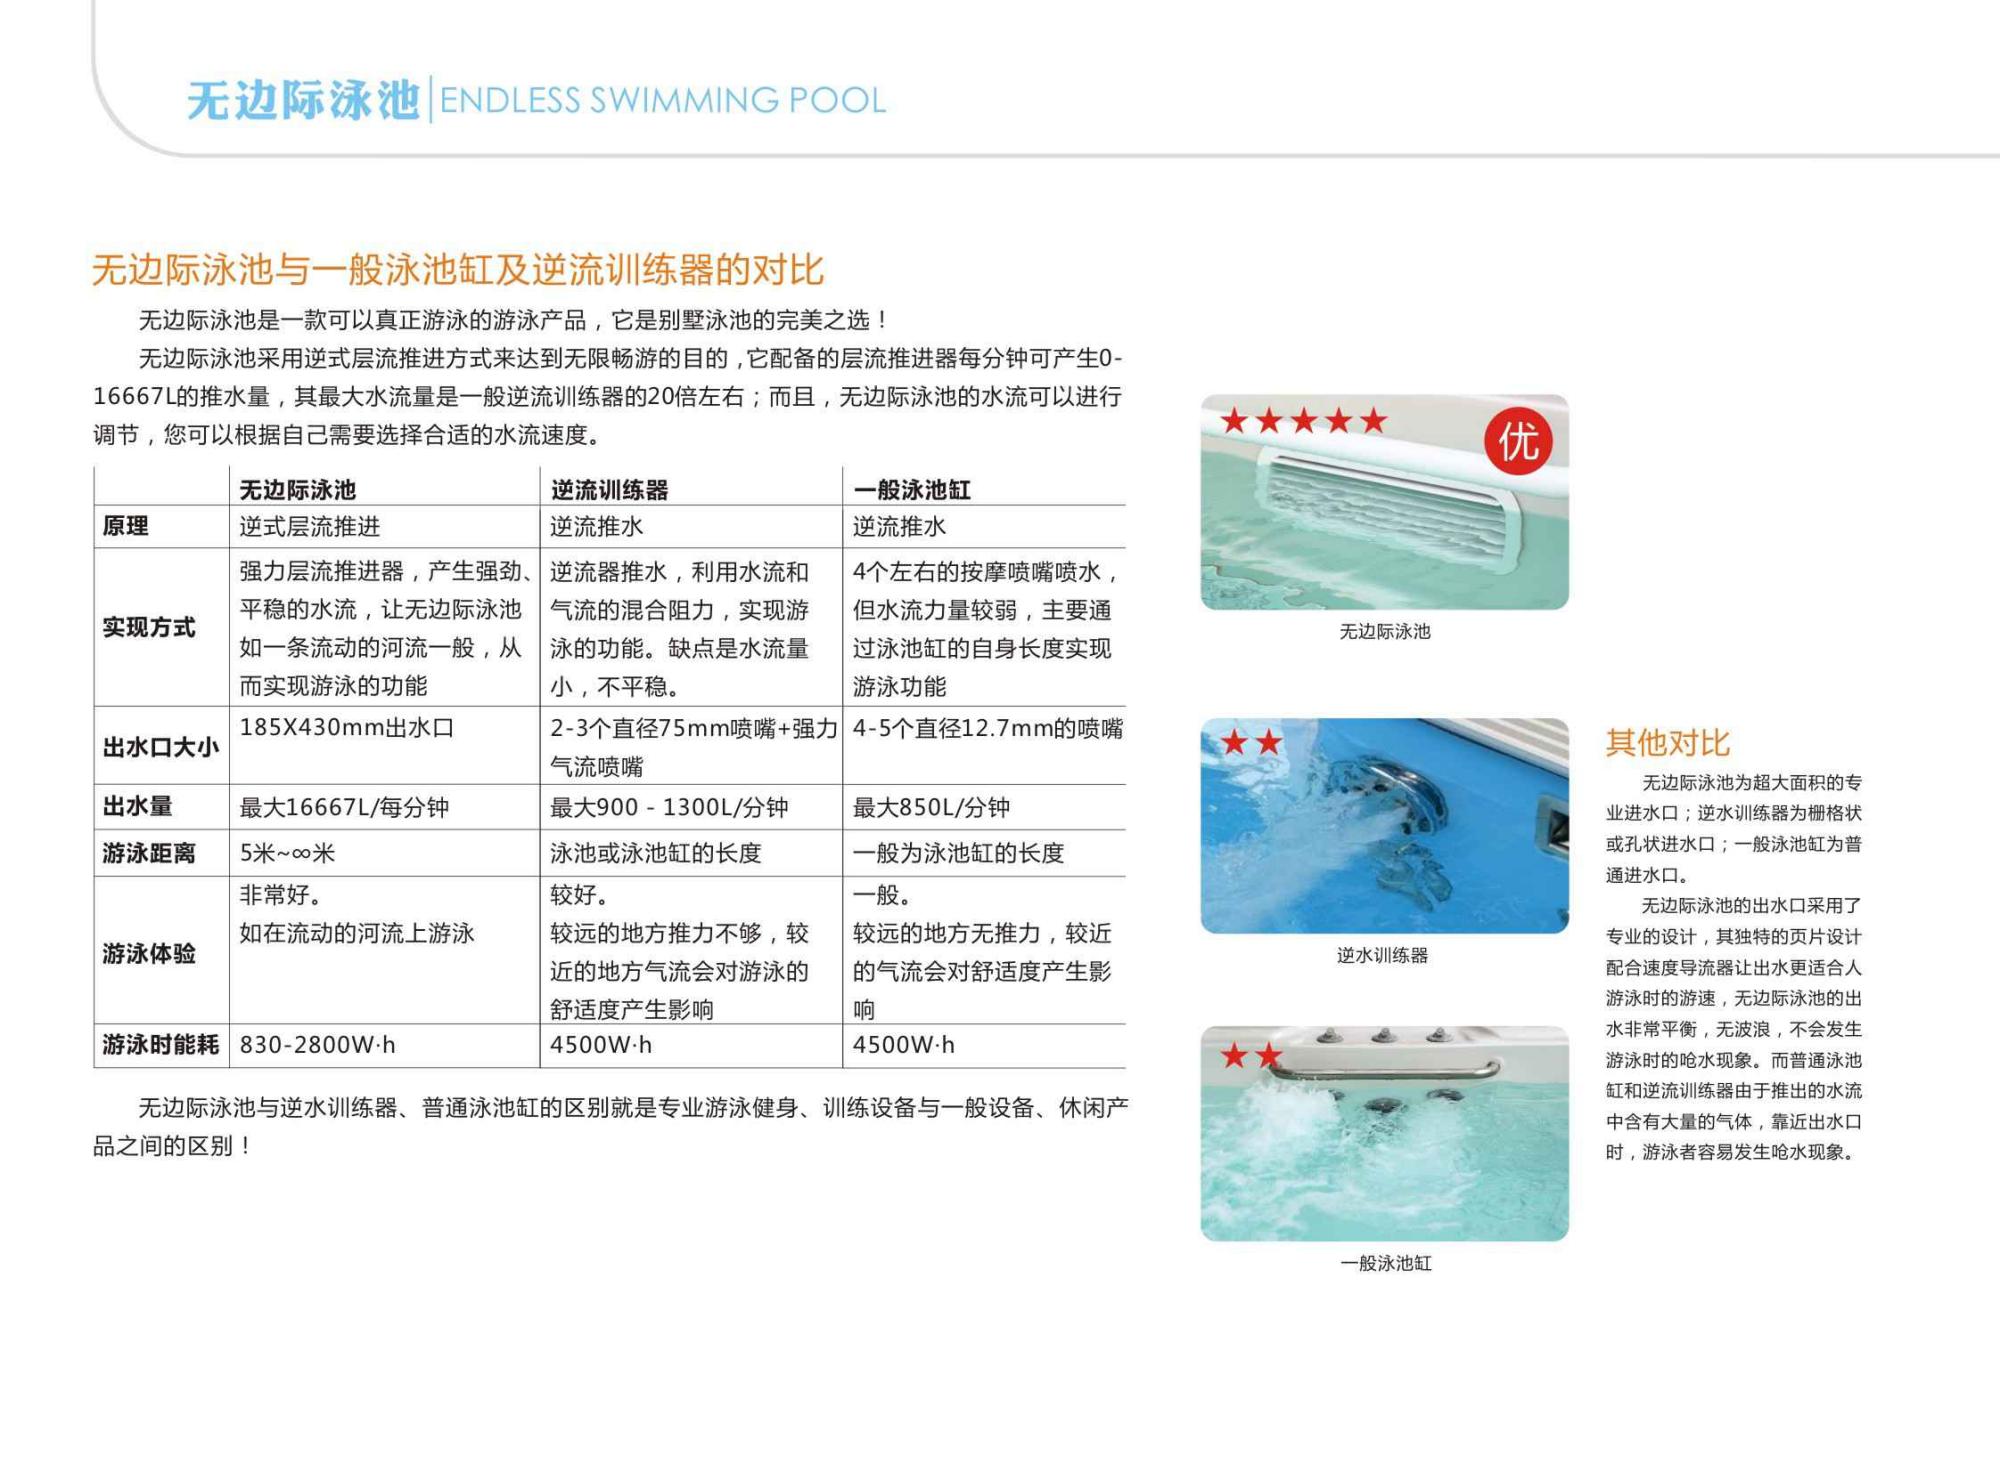 威浪仕無邊際泳池中文畫冊-201408版_11